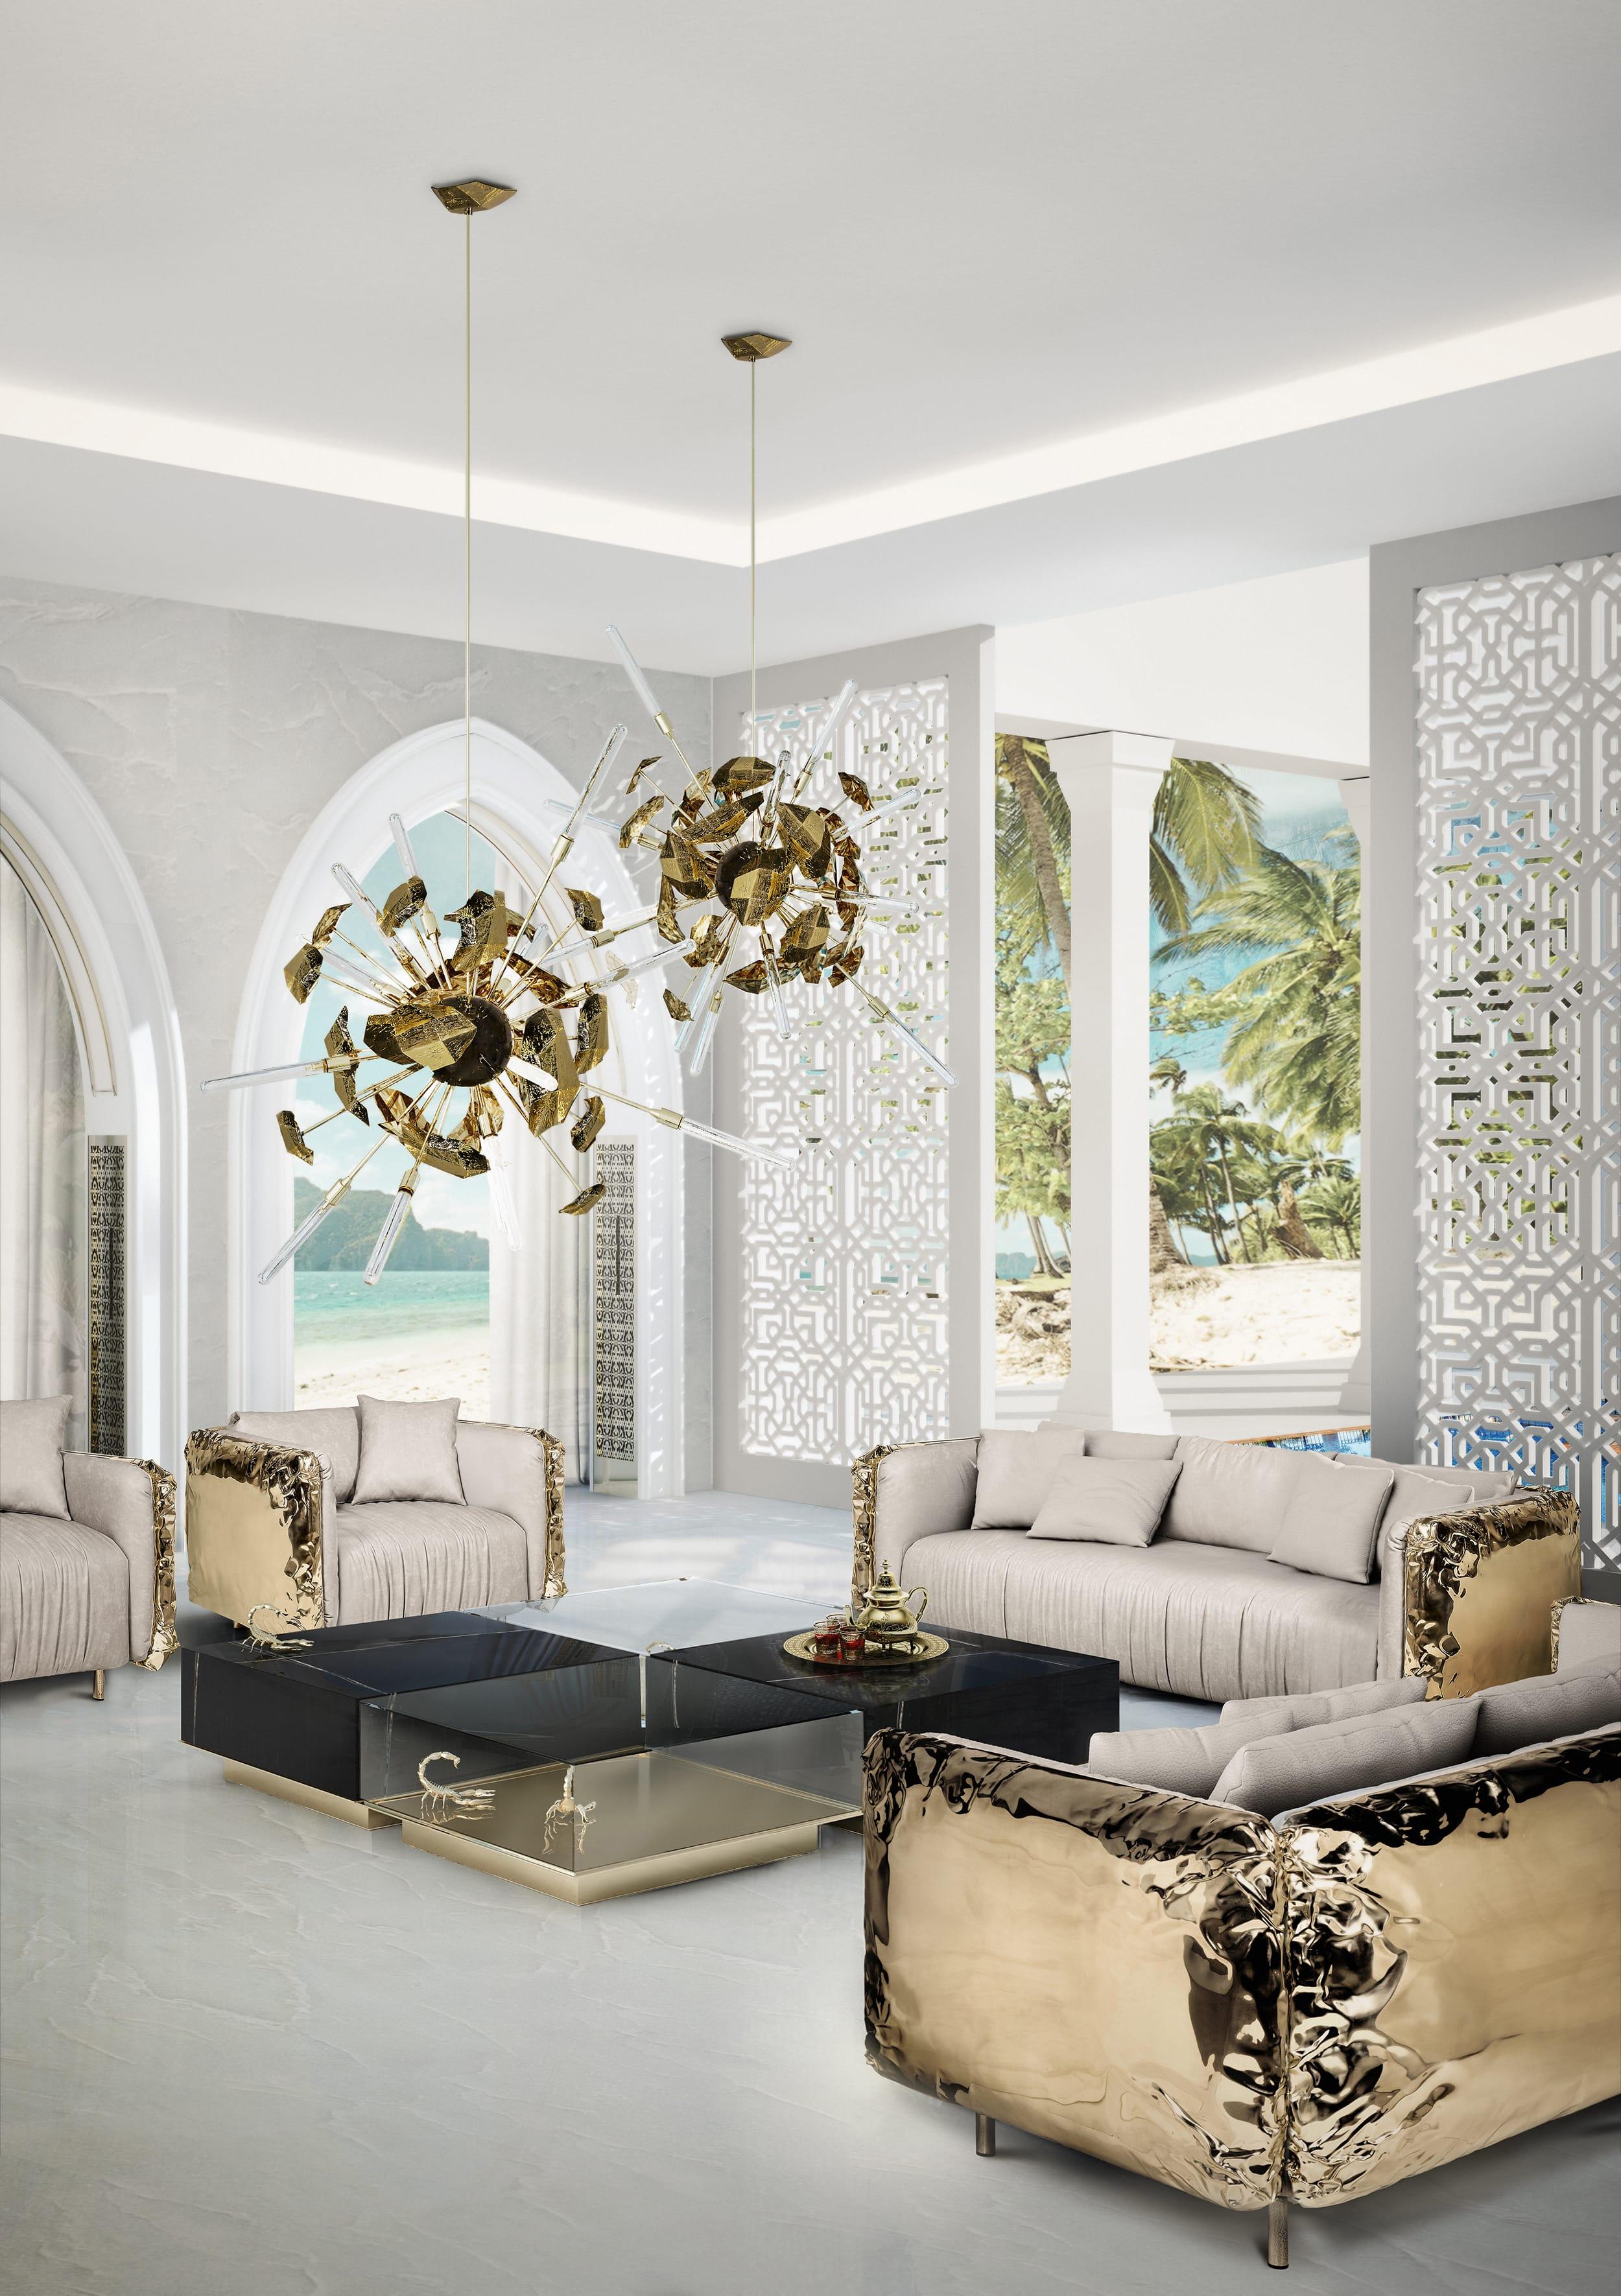 Was sind die Trends von EInrichtung 2018 Innenarchitektur Was sind die Trends von Innenarchitektur 2018 ambience arabe